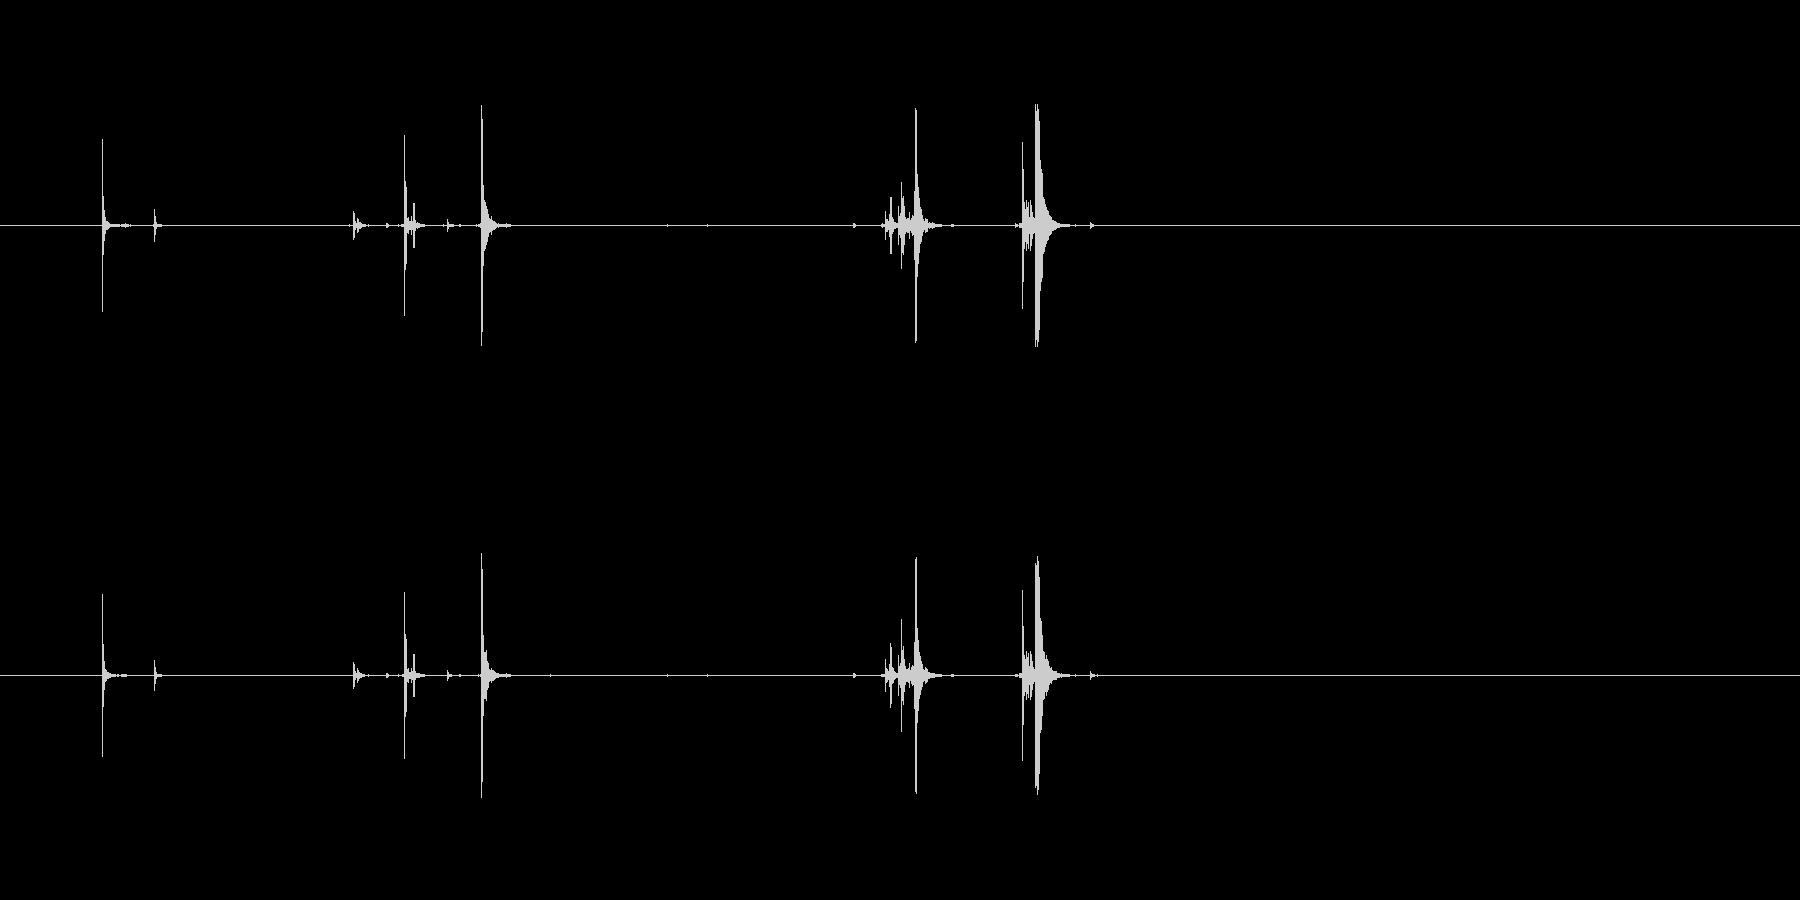 AK-47:ロードクリップ、プルボ...の未再生の波形